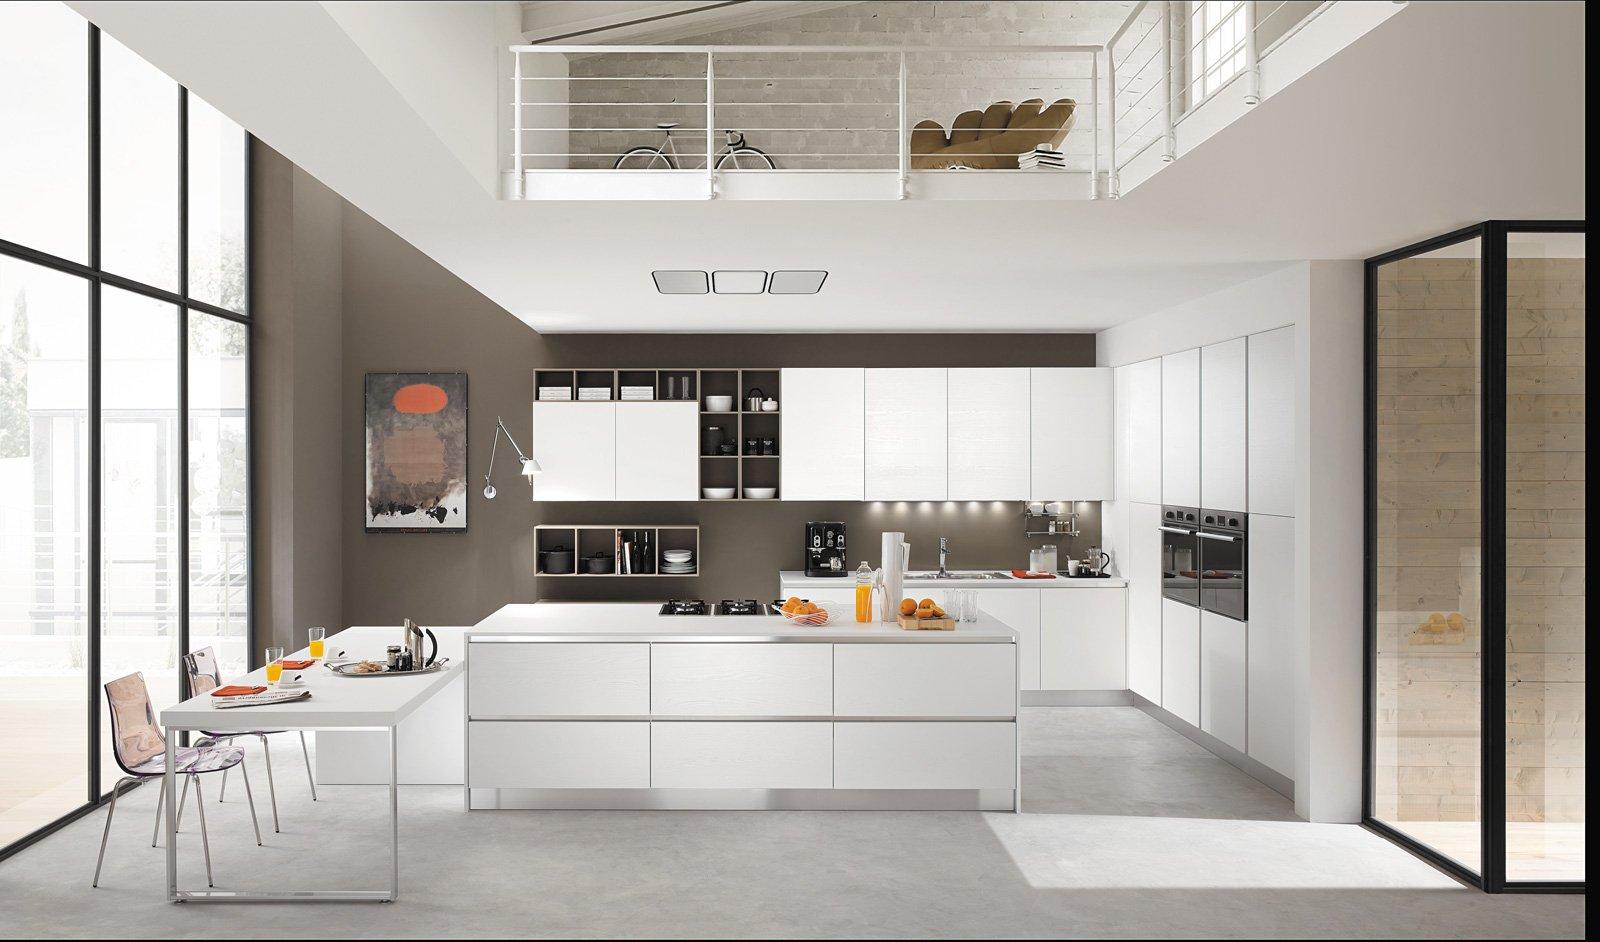 Tanto bianco e la cucina raddoppia visivamente cose di casa - Cucina bianca e legno ...